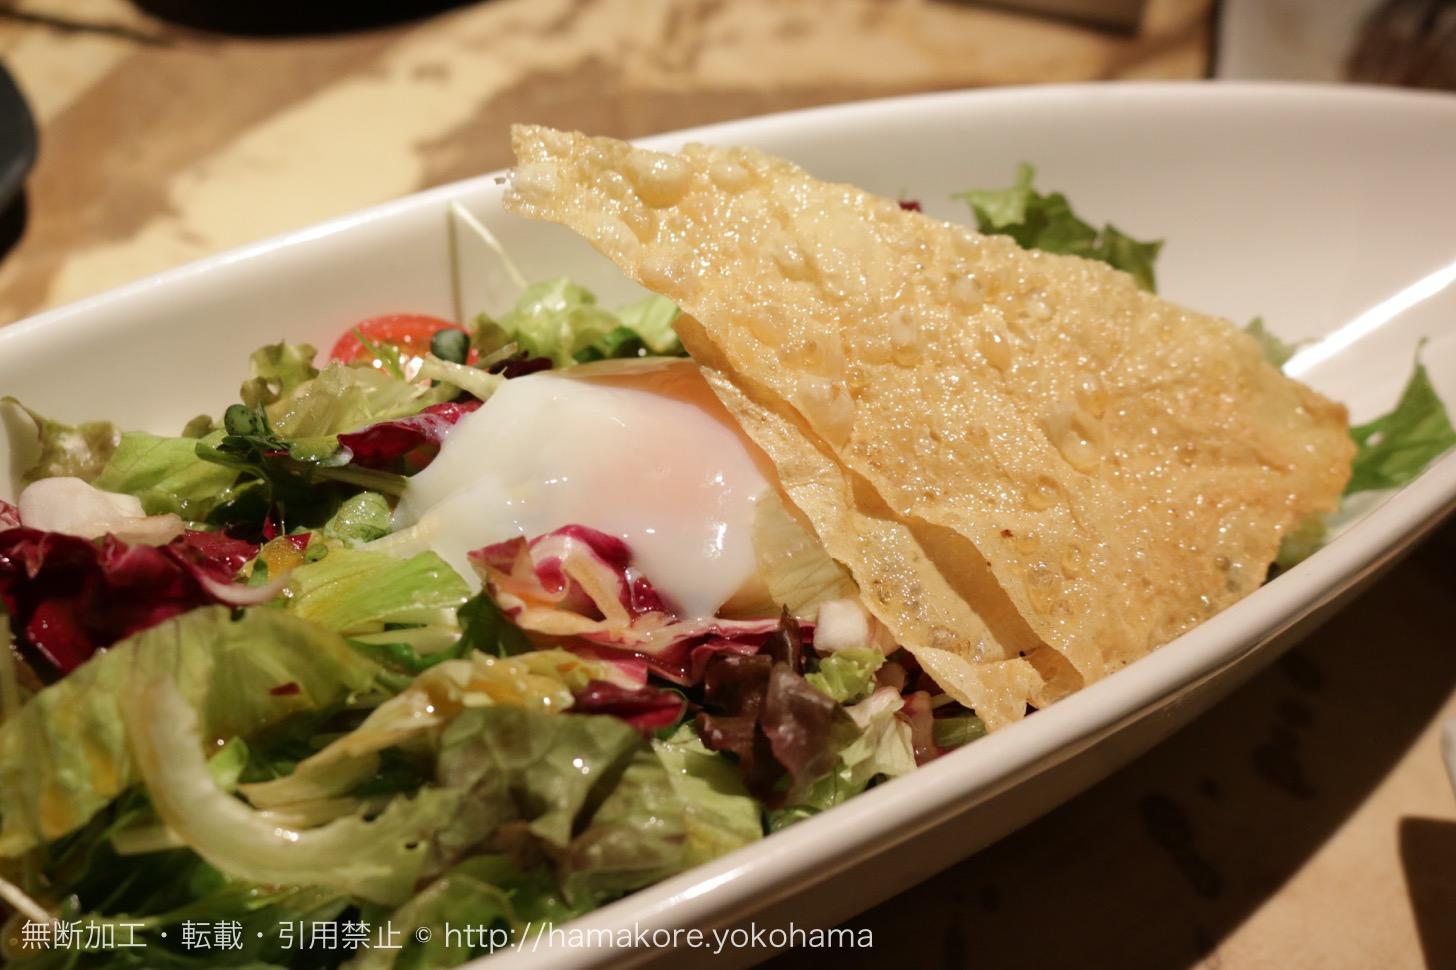 湯葉と温泉玉子のサラダ 650円